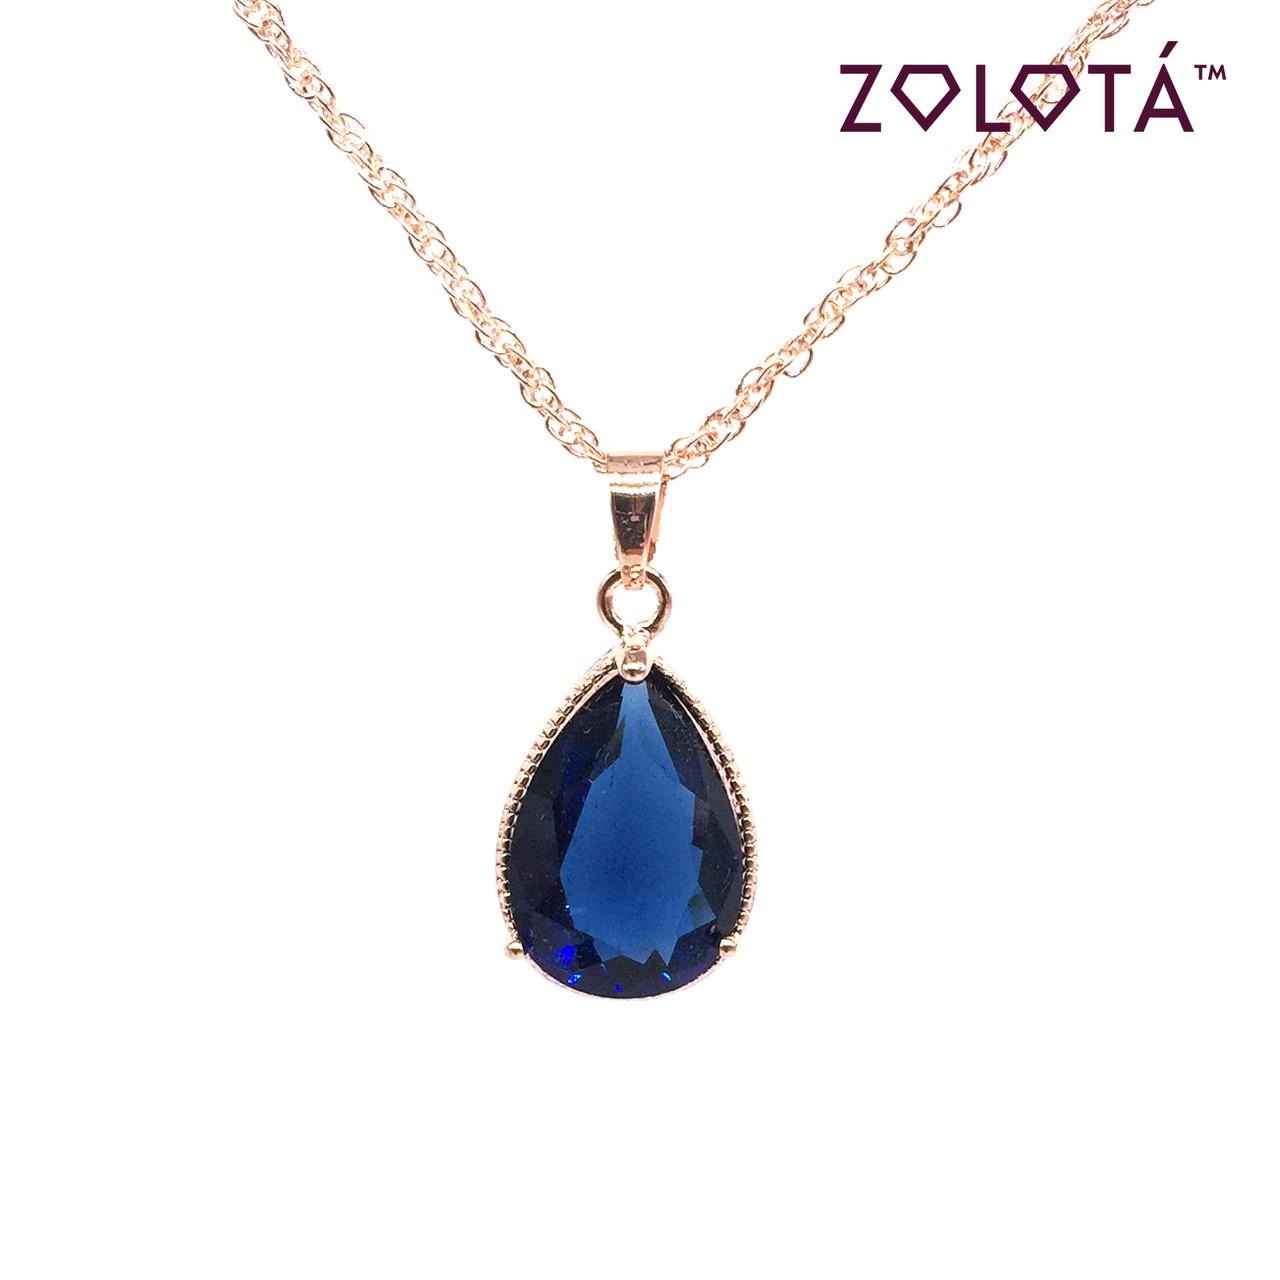 Підвіска на ланцюжку з синім фианитом (куб. цирконієм), з медичного золота, в позолоті, ЗЛ00335 (1)